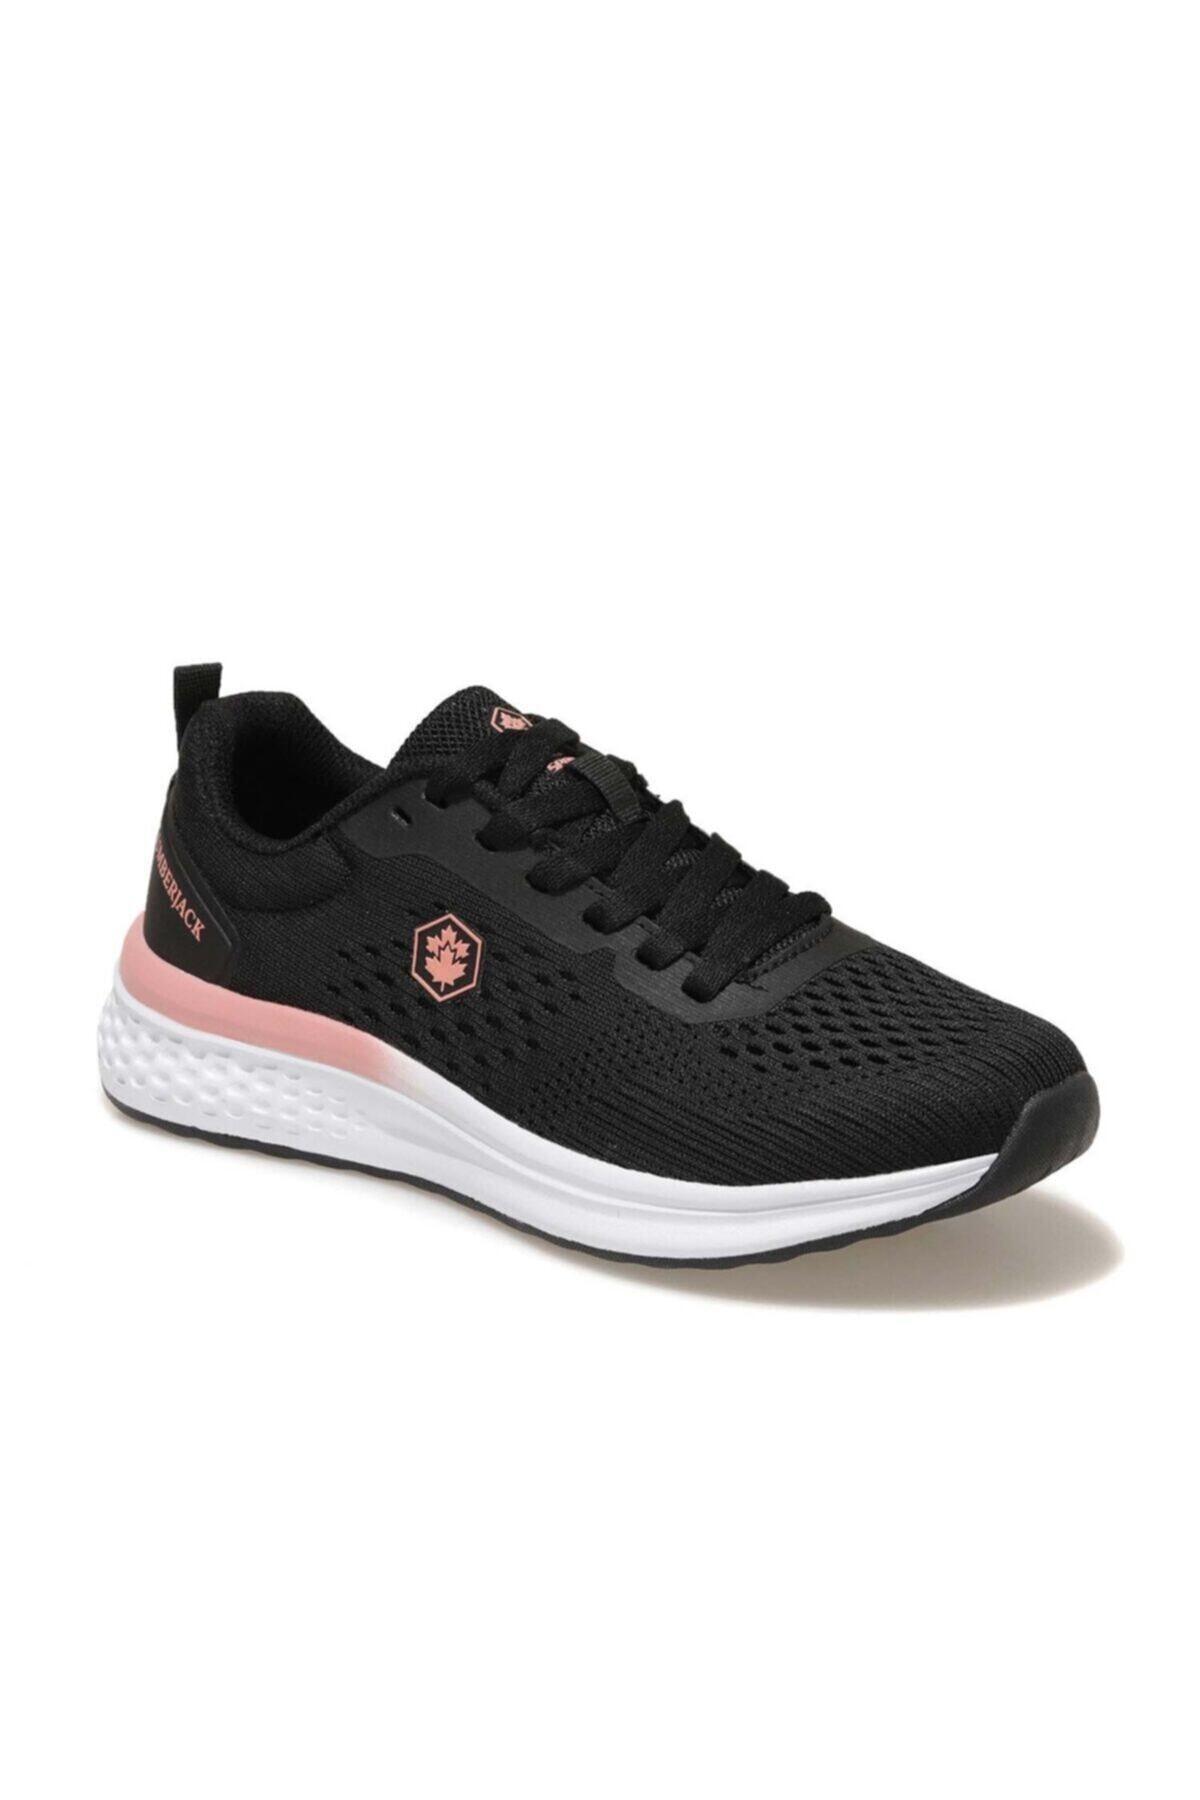 ASH WMN Siyah Kadın Koşu Ayakkabısı 100587115